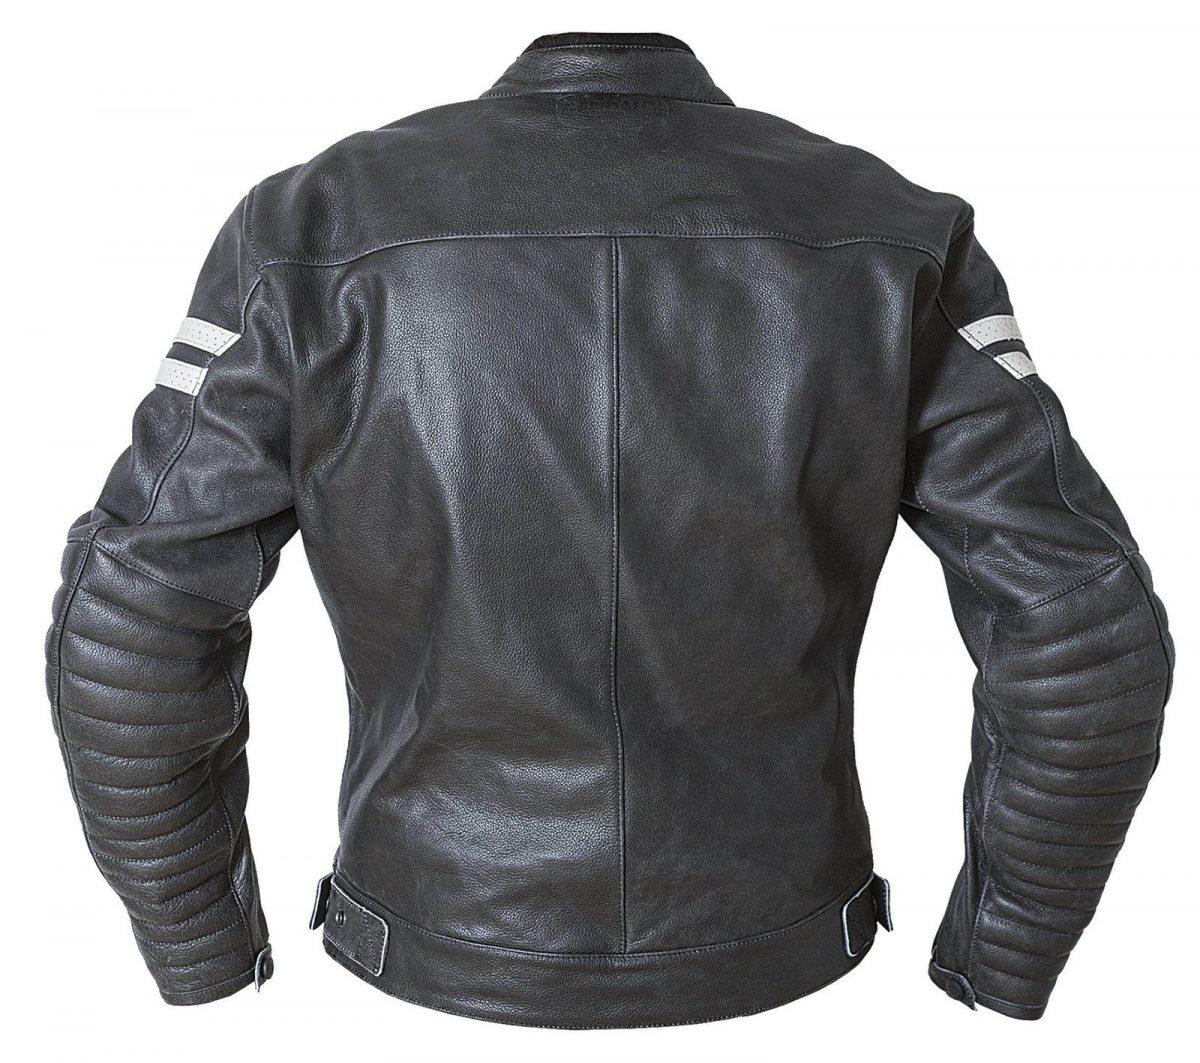 Garibaldi Moka Racer Vintage Black Leather Ladies Jacket